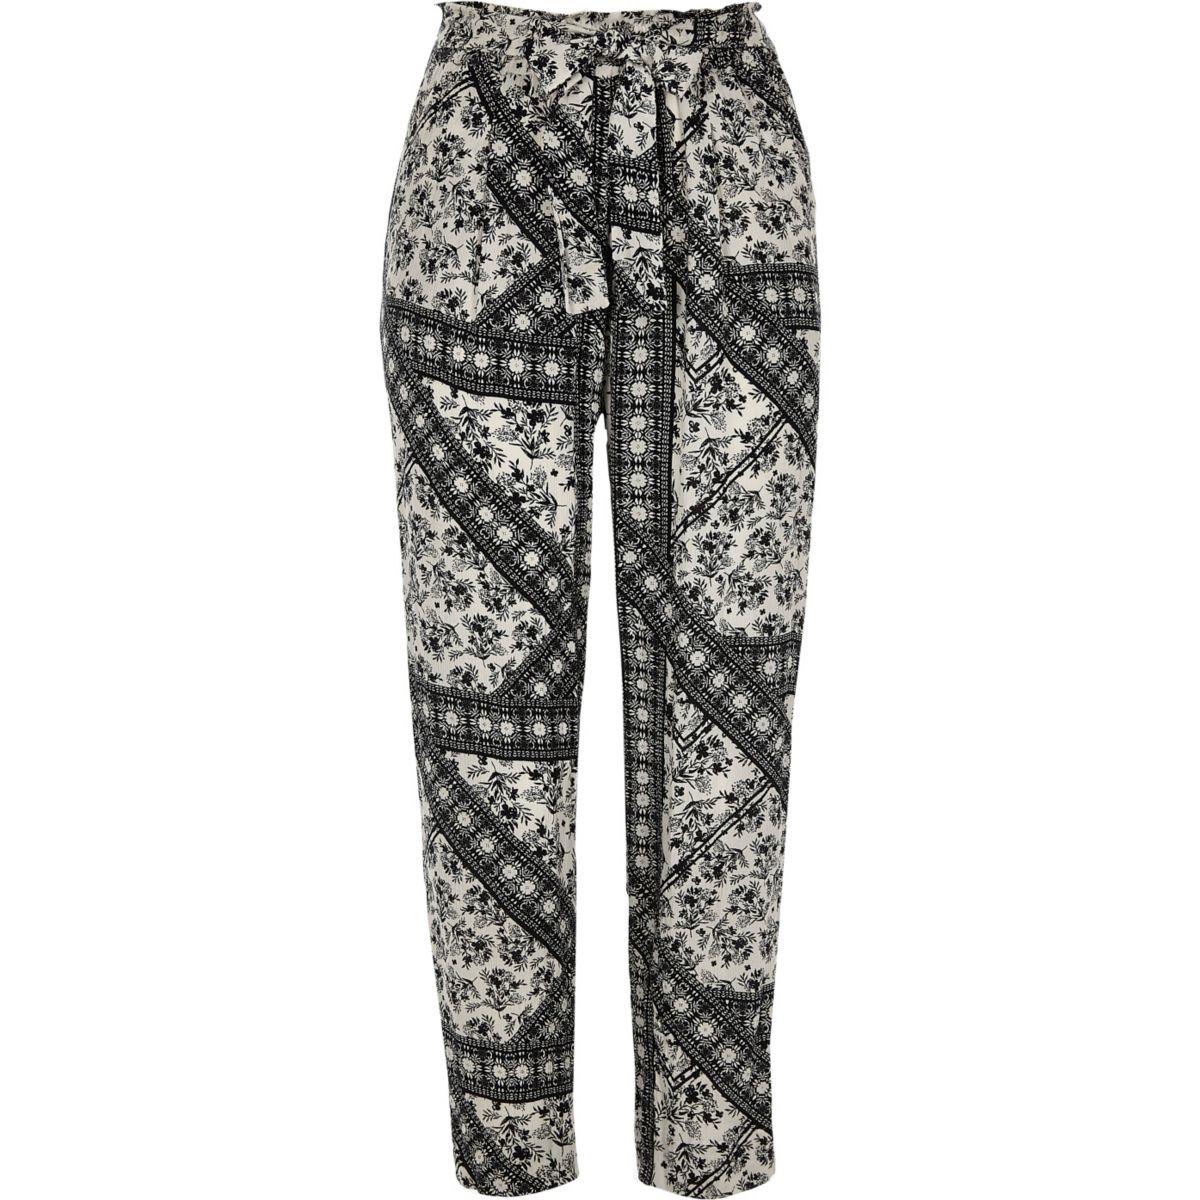 Zwarte smaltoelopende broek met bloemenprint en strikceintuur